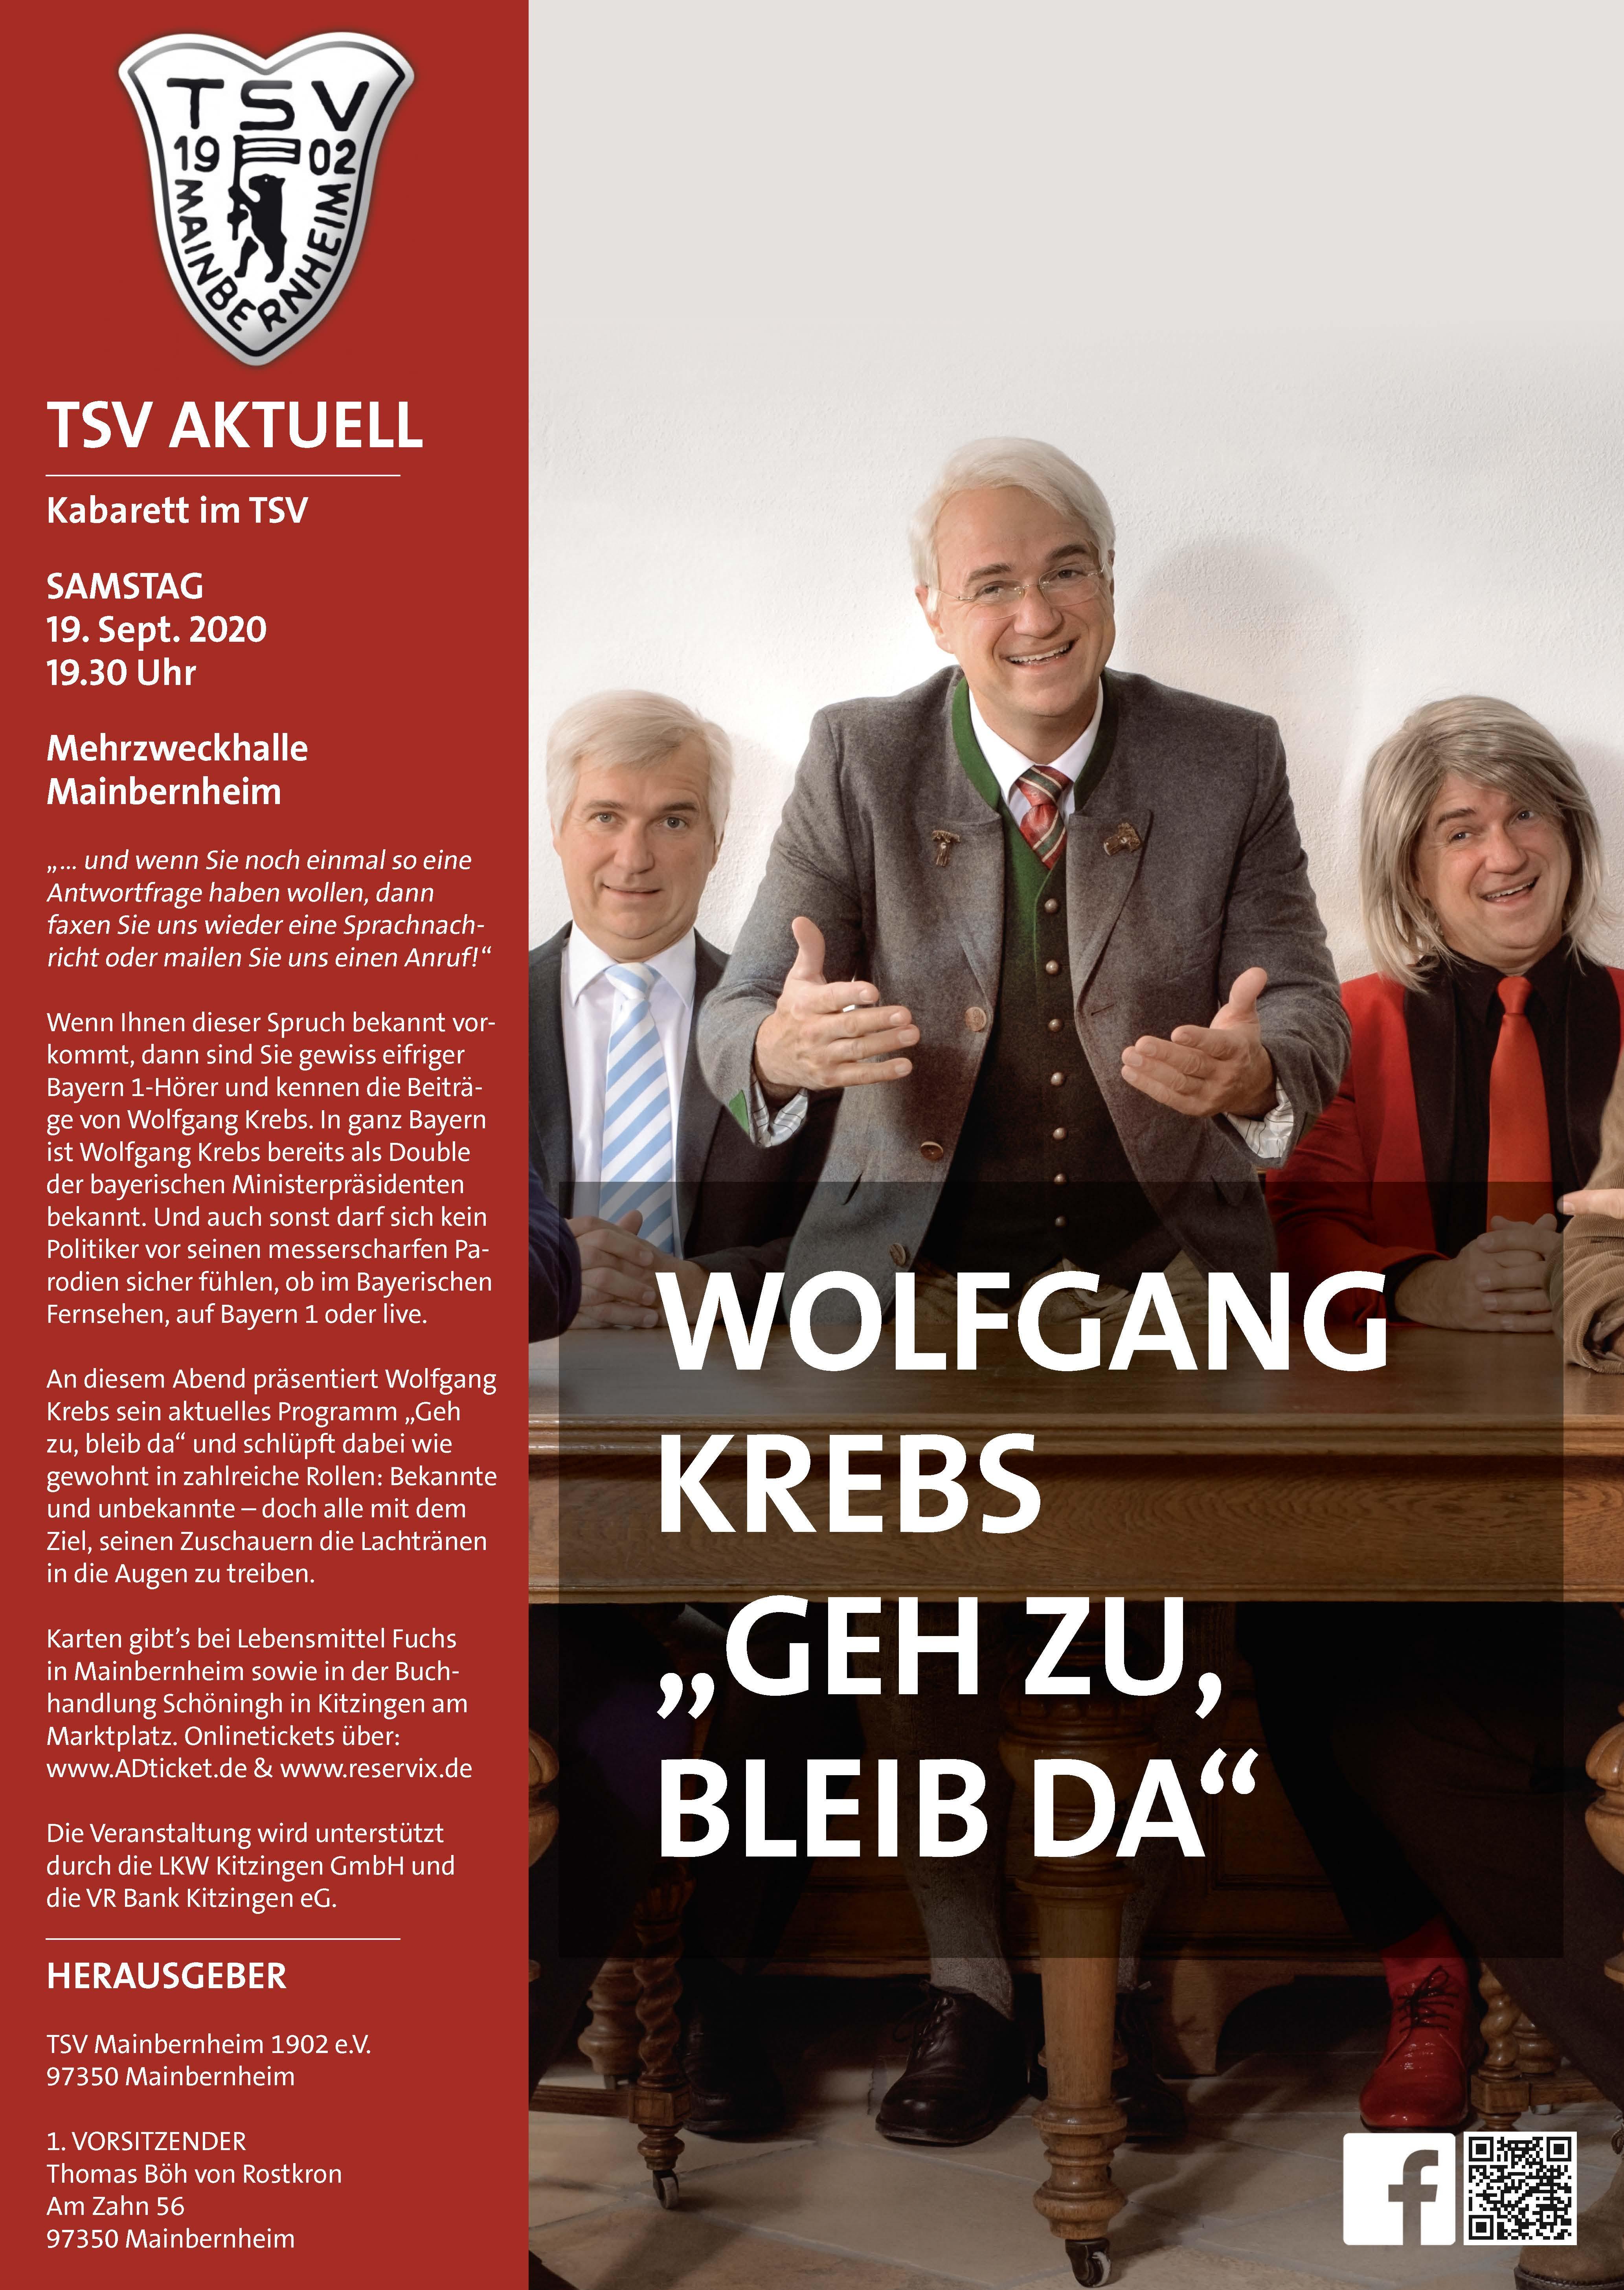 Flyer Wolfgang Krebs_Geh zu, bleib da